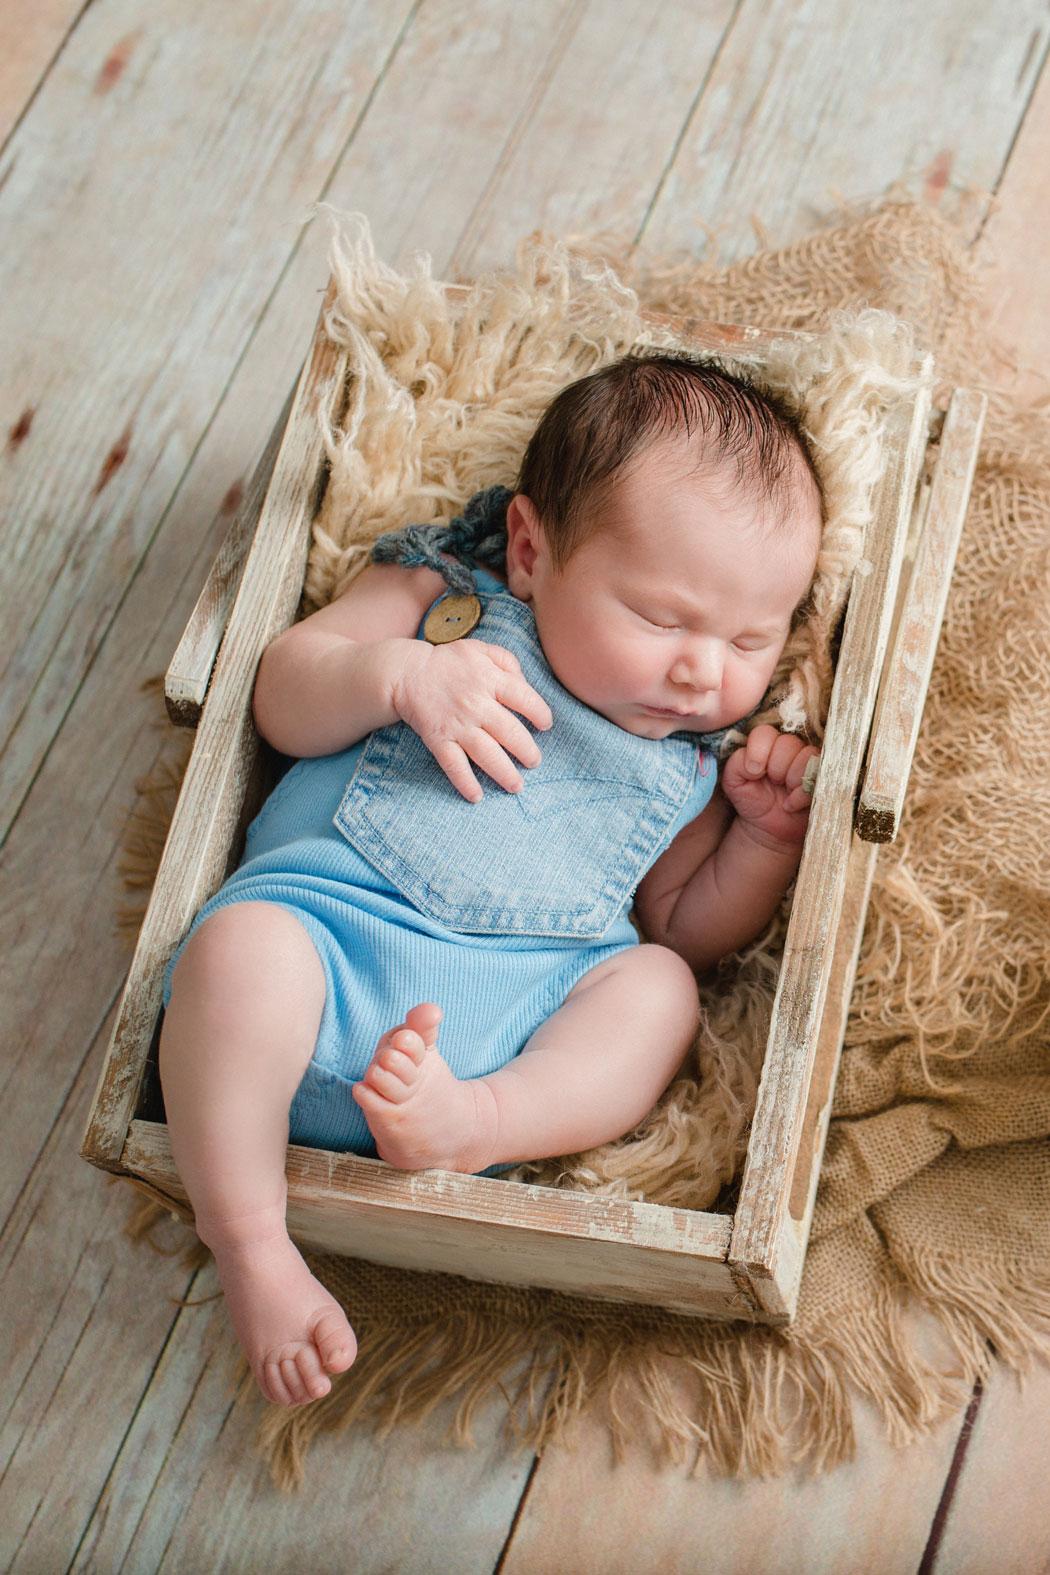 mareike wiesner photography neugeborenenshooting boy wolfsburg 012 - Neugeborenenshooting Wolfsburg - so ein süßes Kerlchen